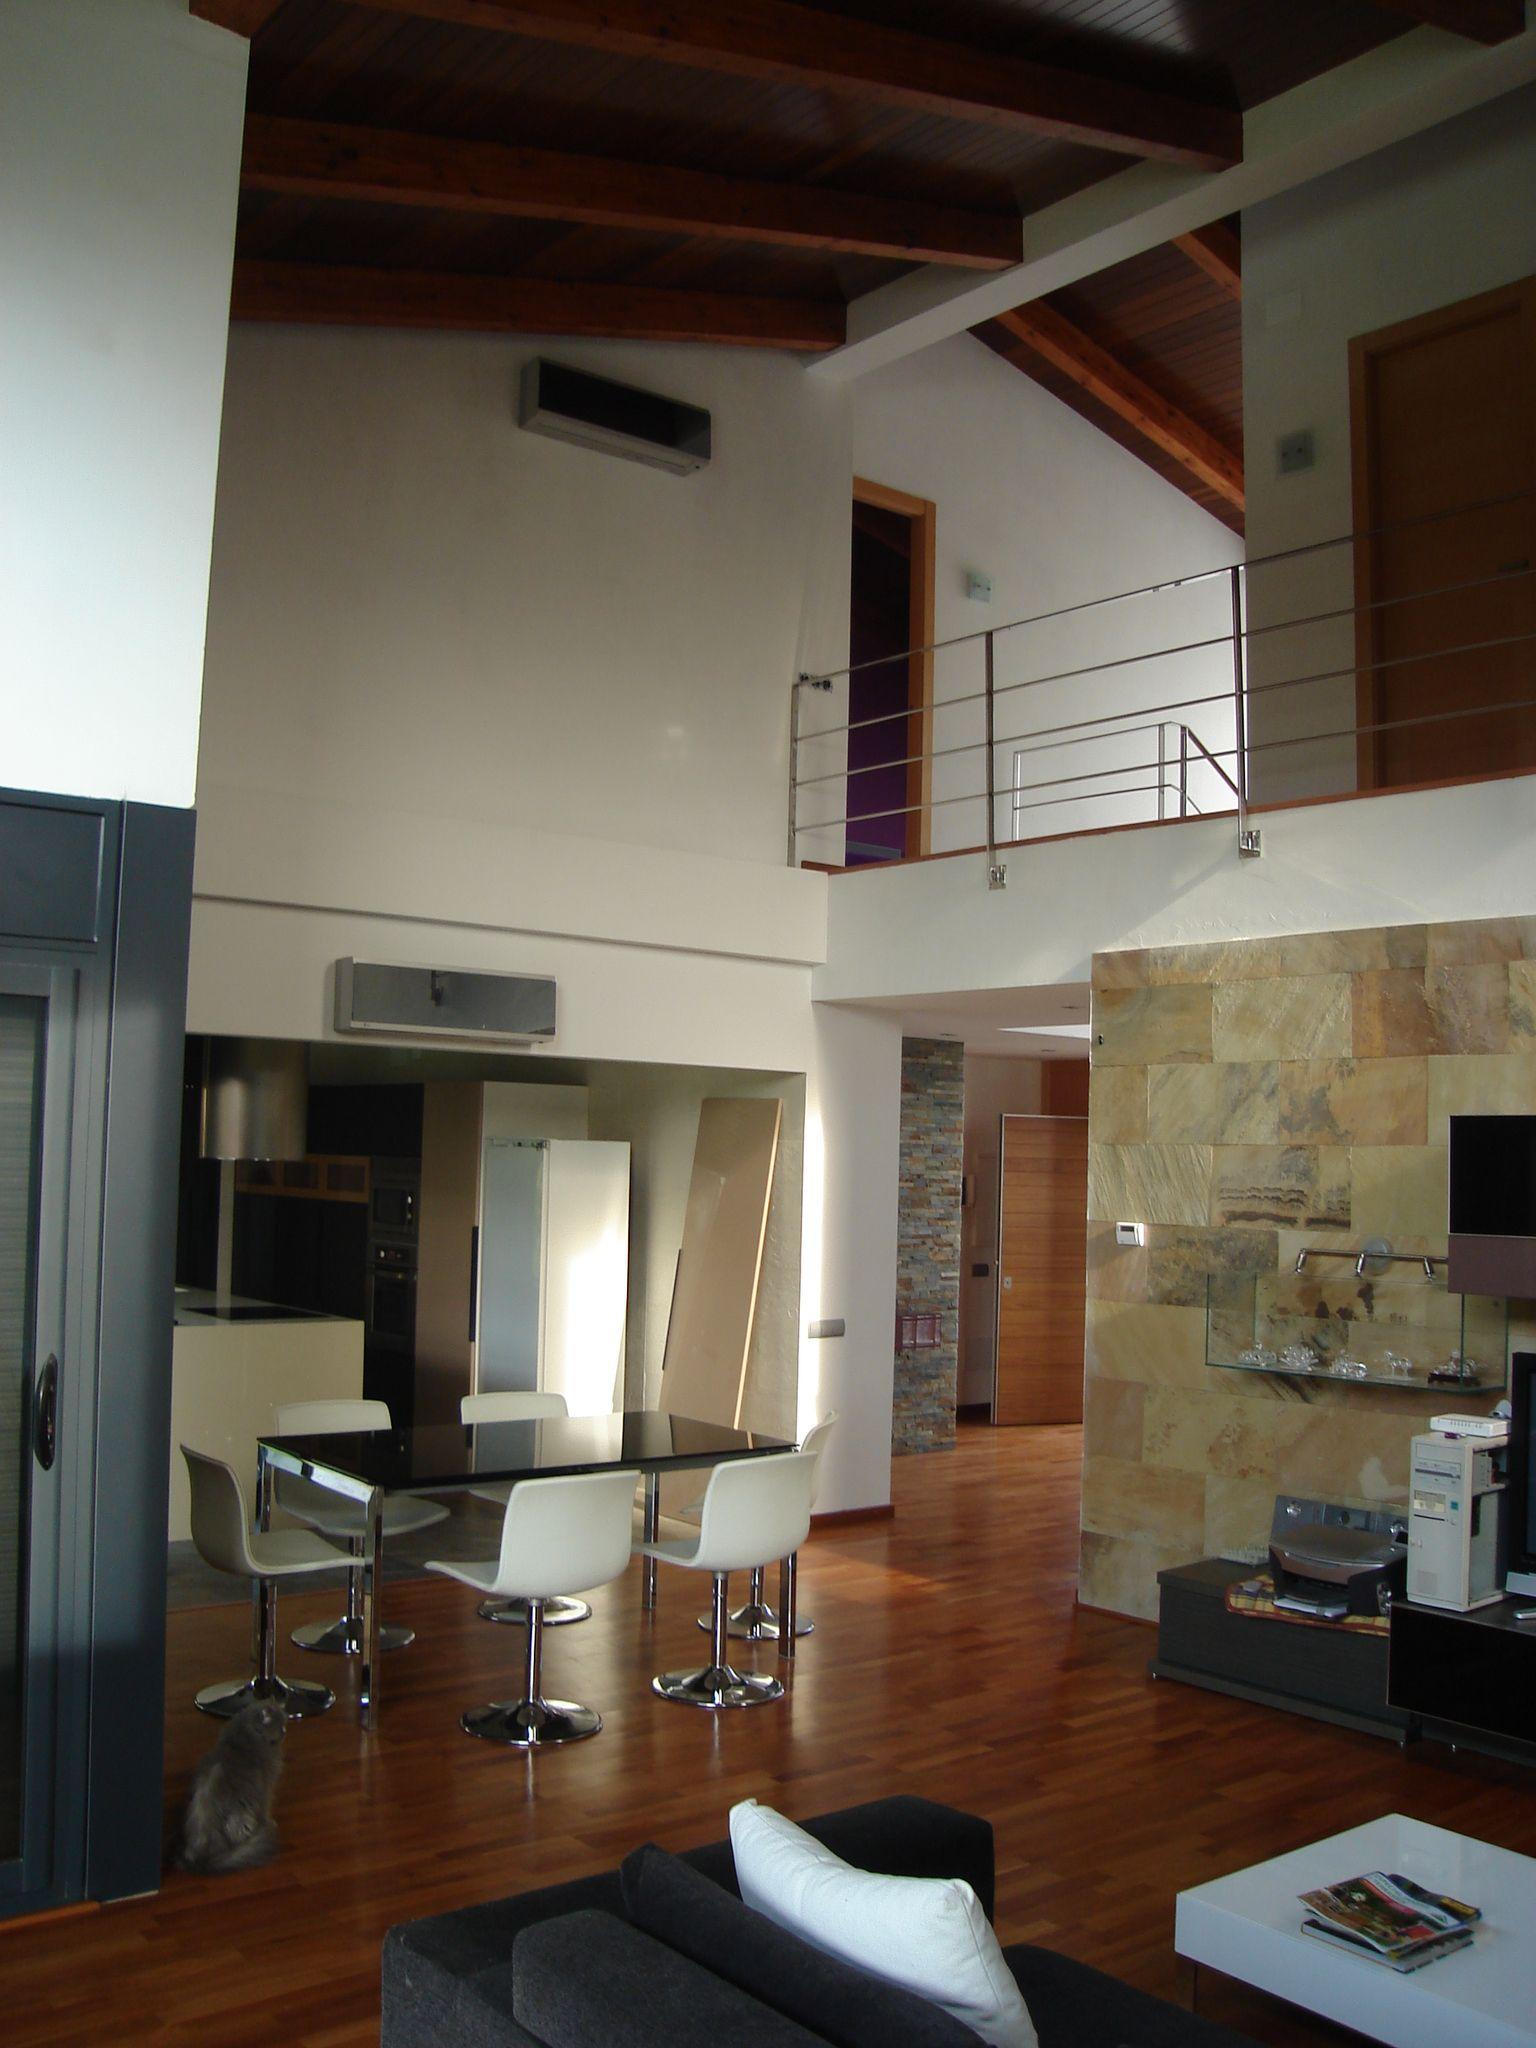 Casas rustico comedor cocina sala de estar sillas - Casas de electrodomesticos ...